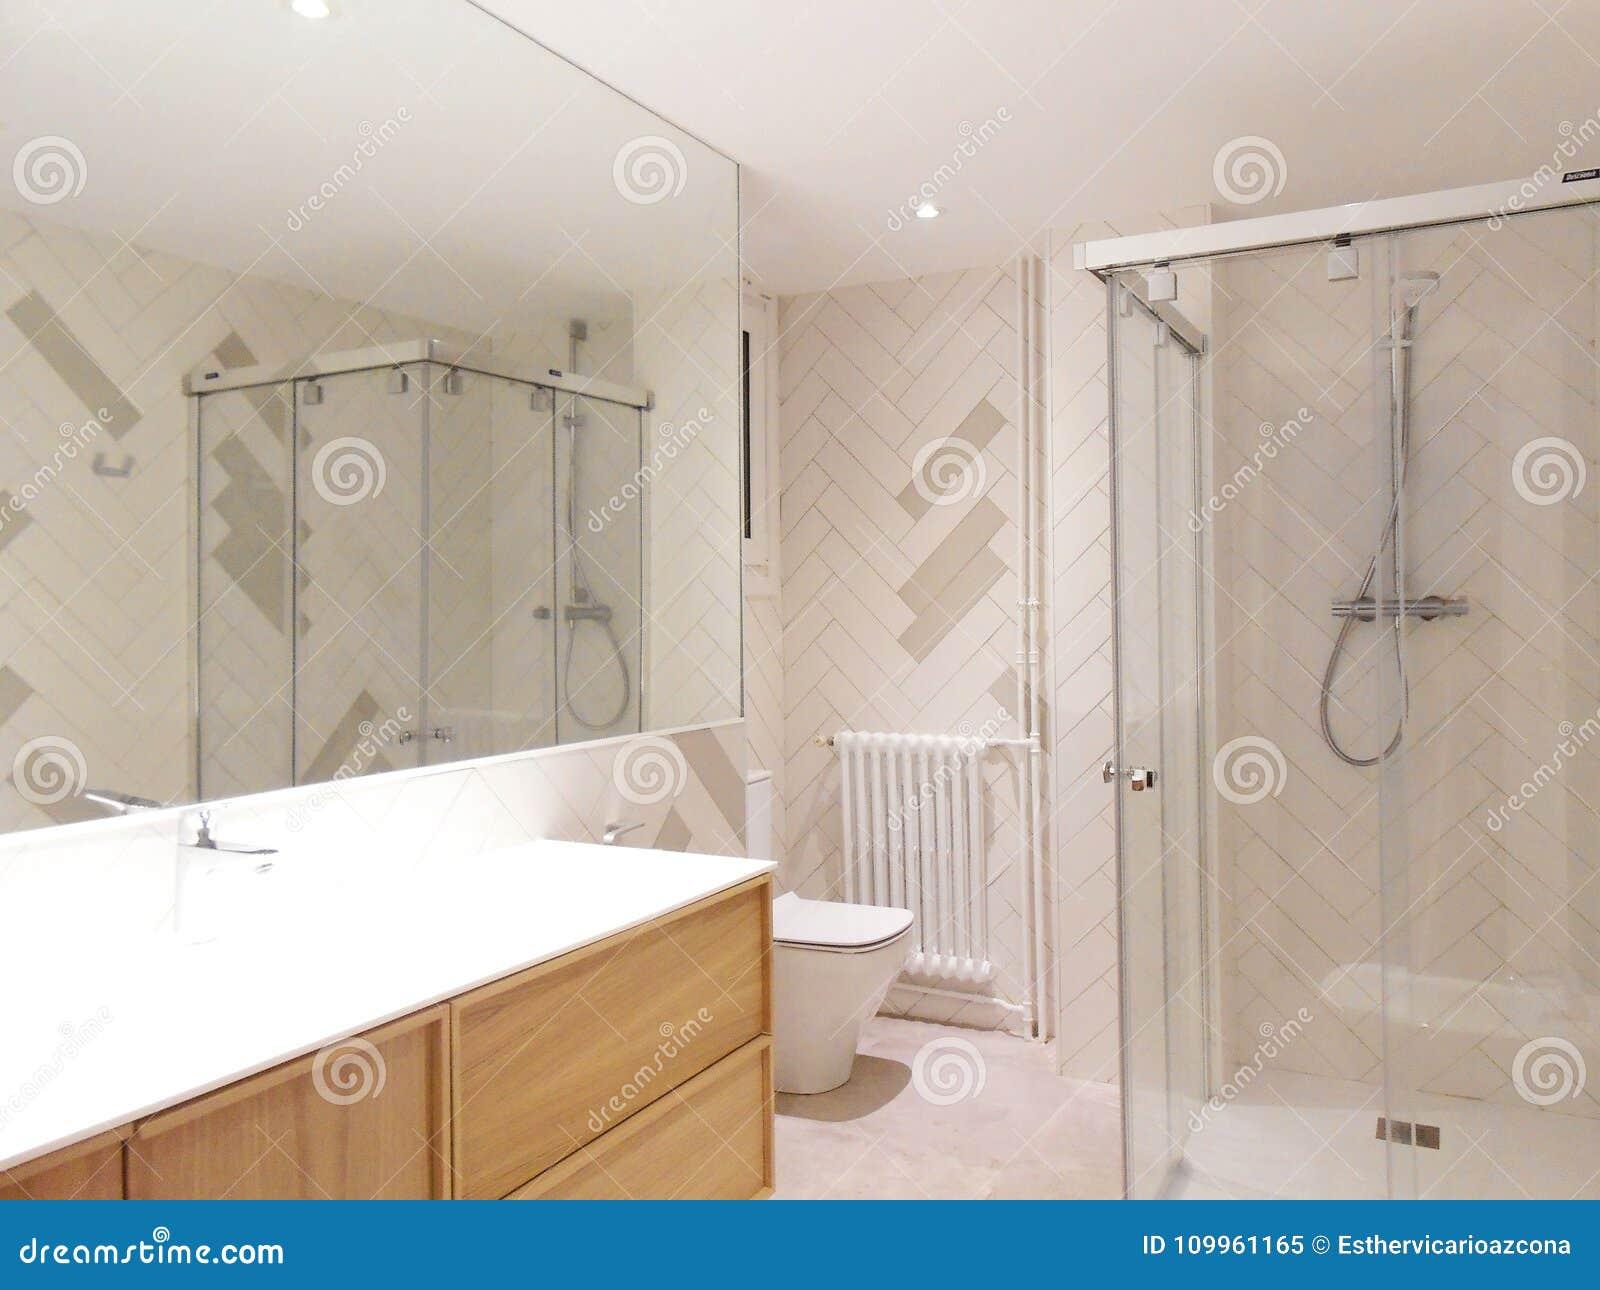 Badezimmer Mit Einem Hölzernen Waschbeckenkabinett Und -wand Mit ...